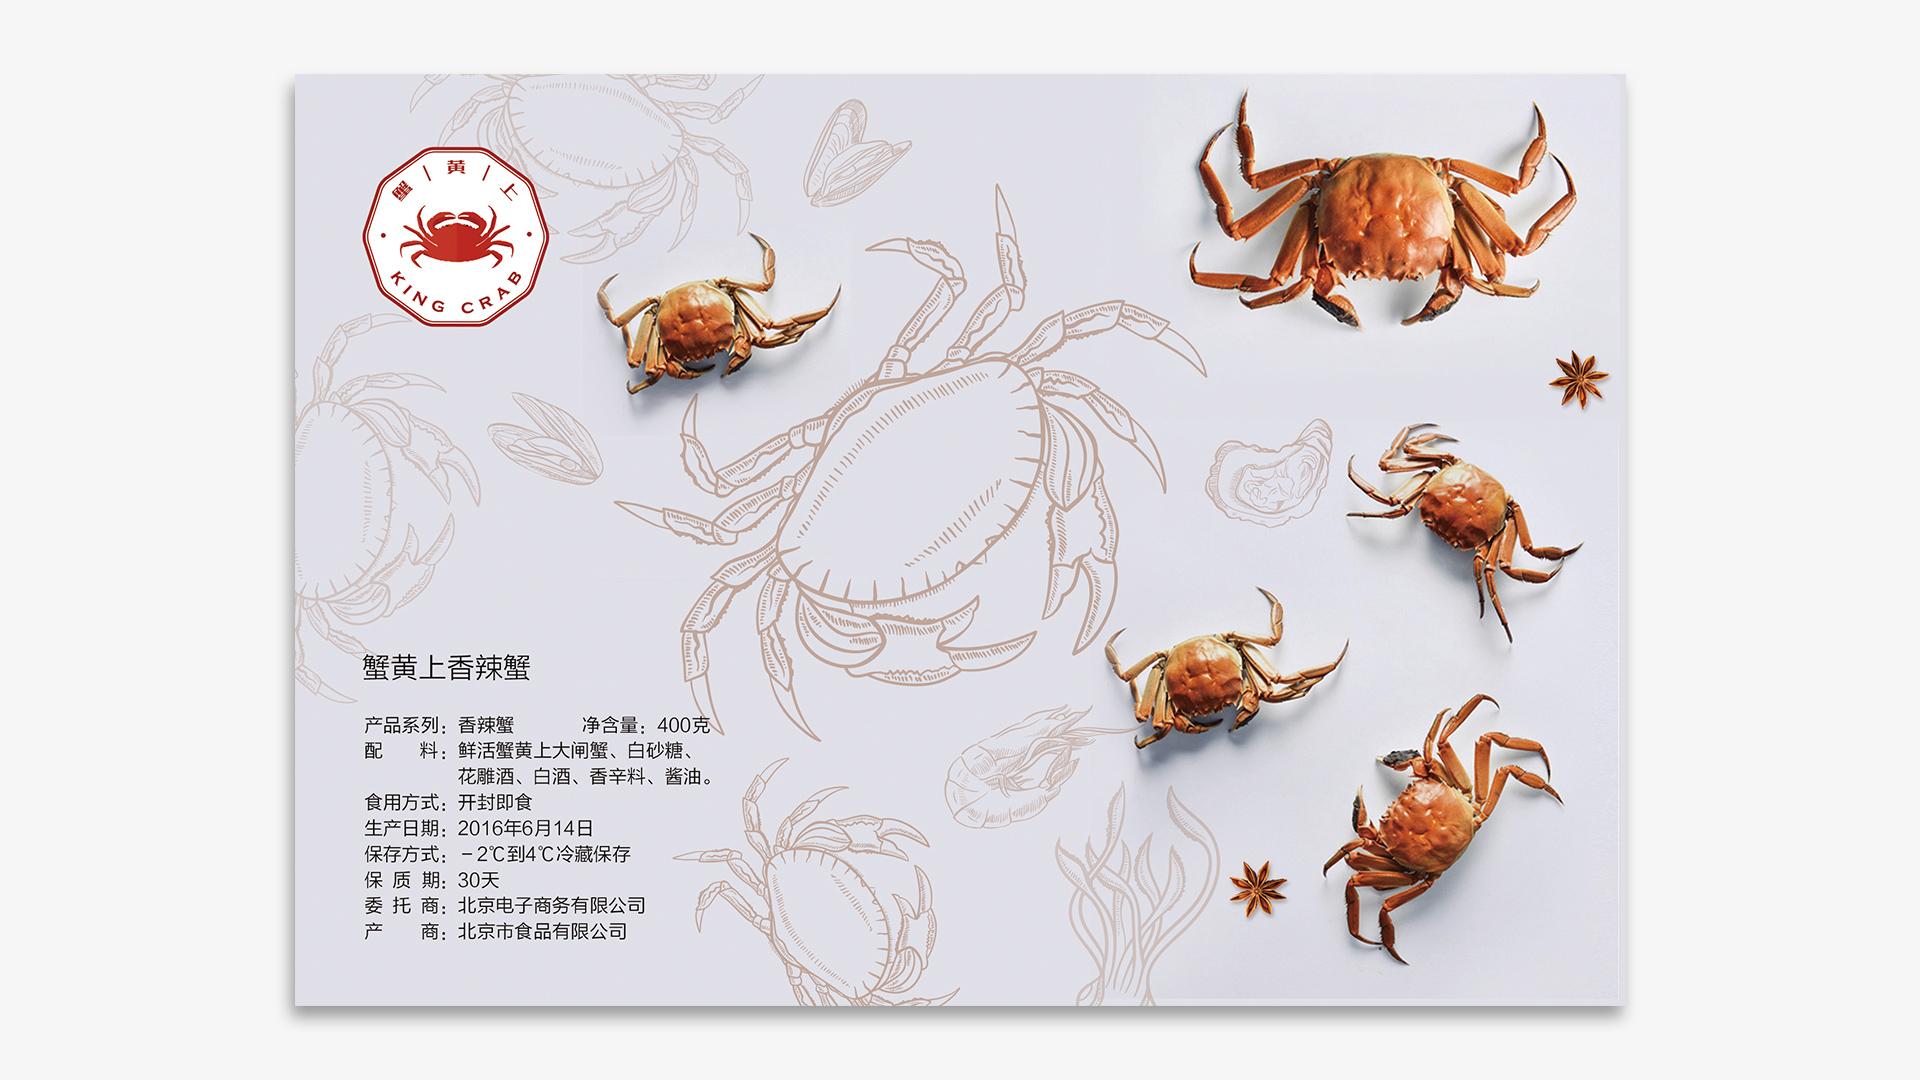 蟹黄上包装设计样式二